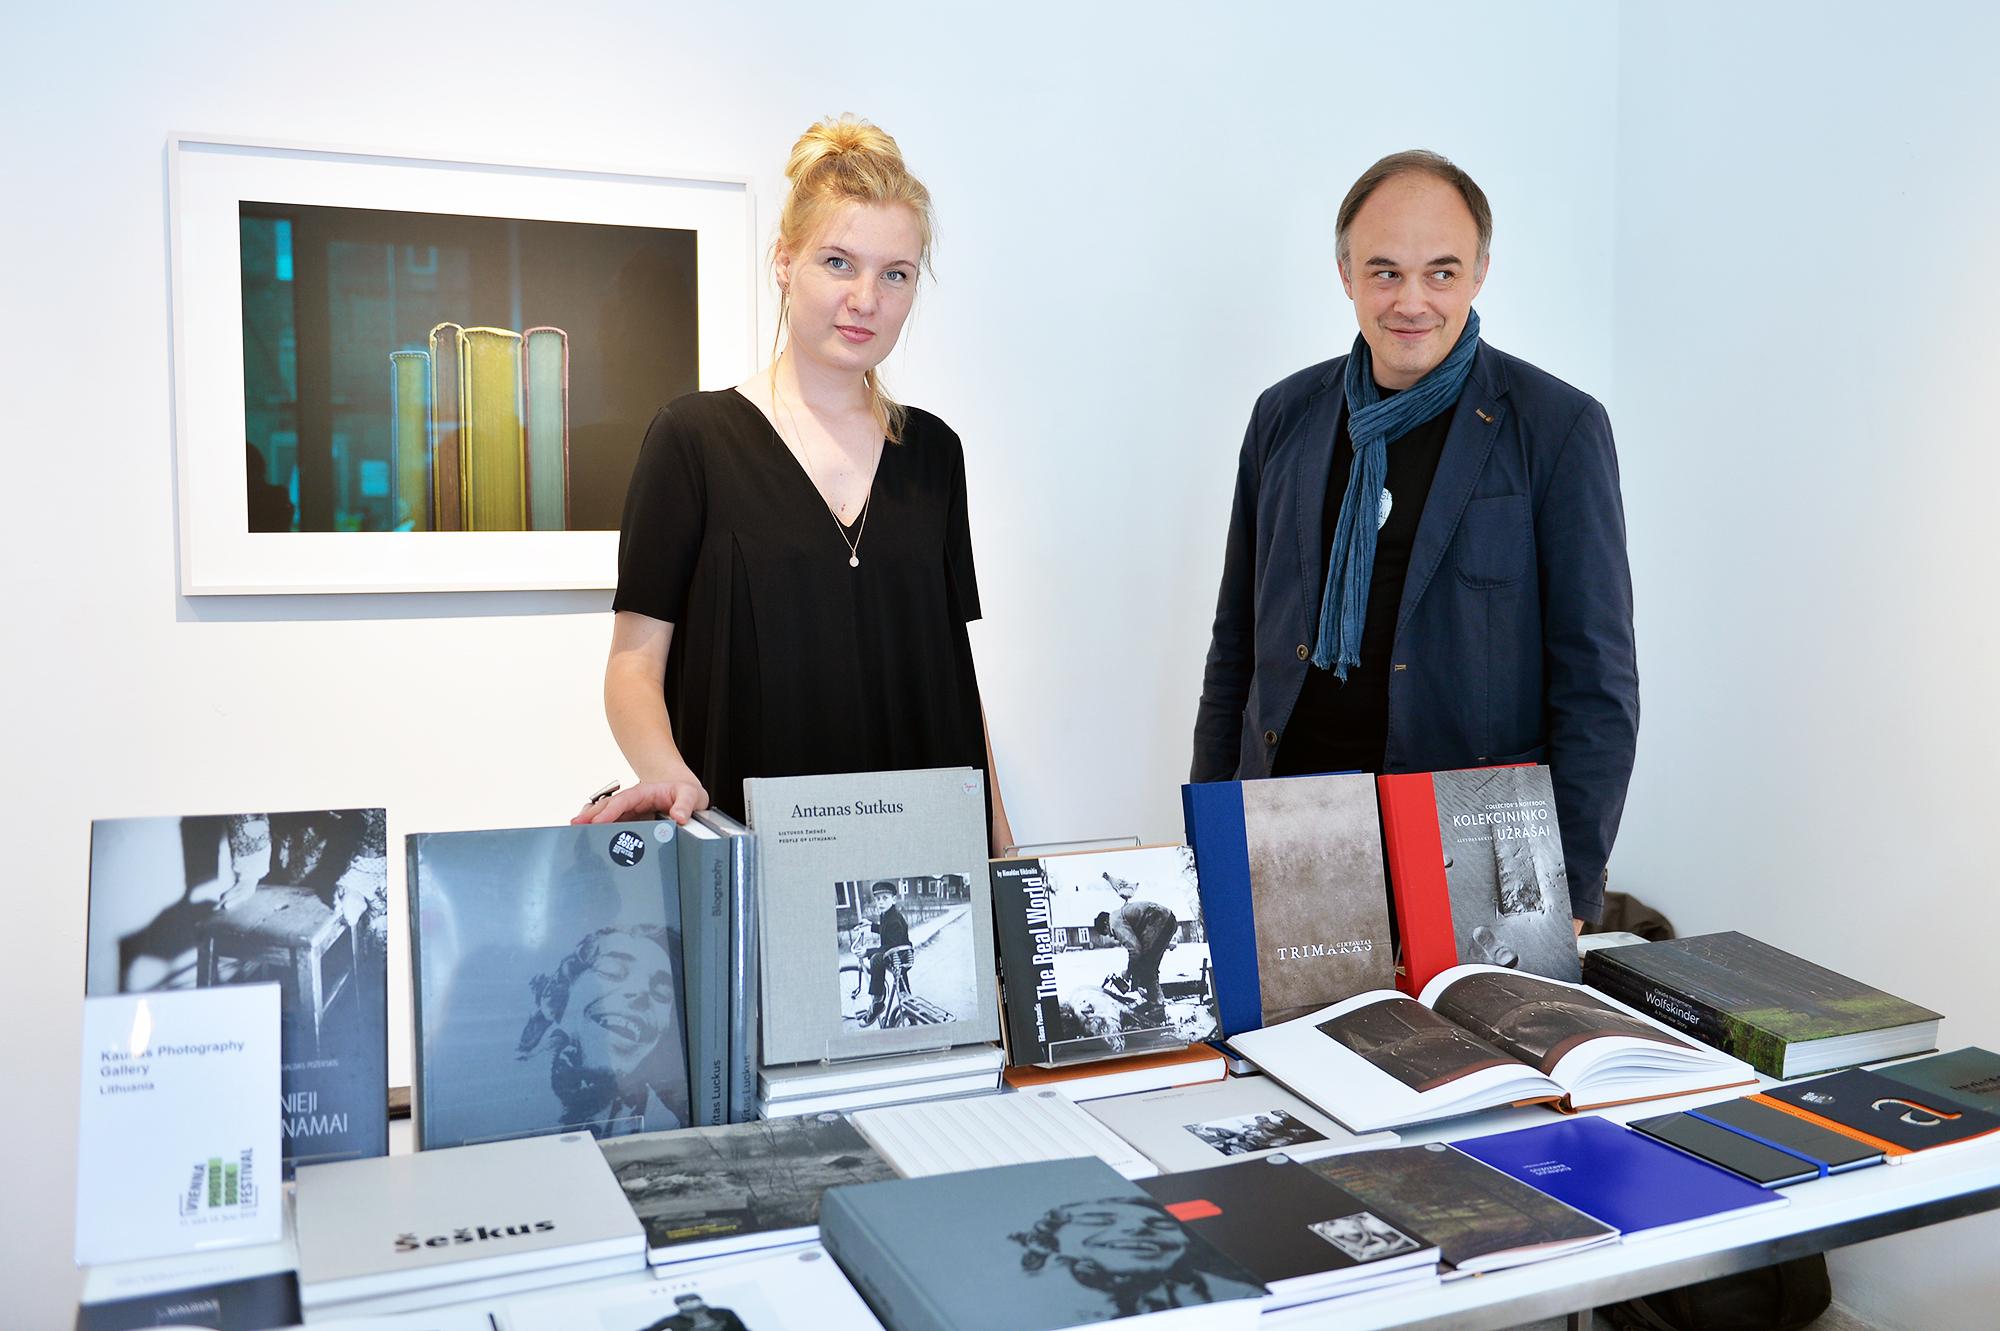 Viktorija Mašanauskaitė Ir Gintaras Česonis_ViennaPhotoBookFestival 2016 © Galerie OstLicht